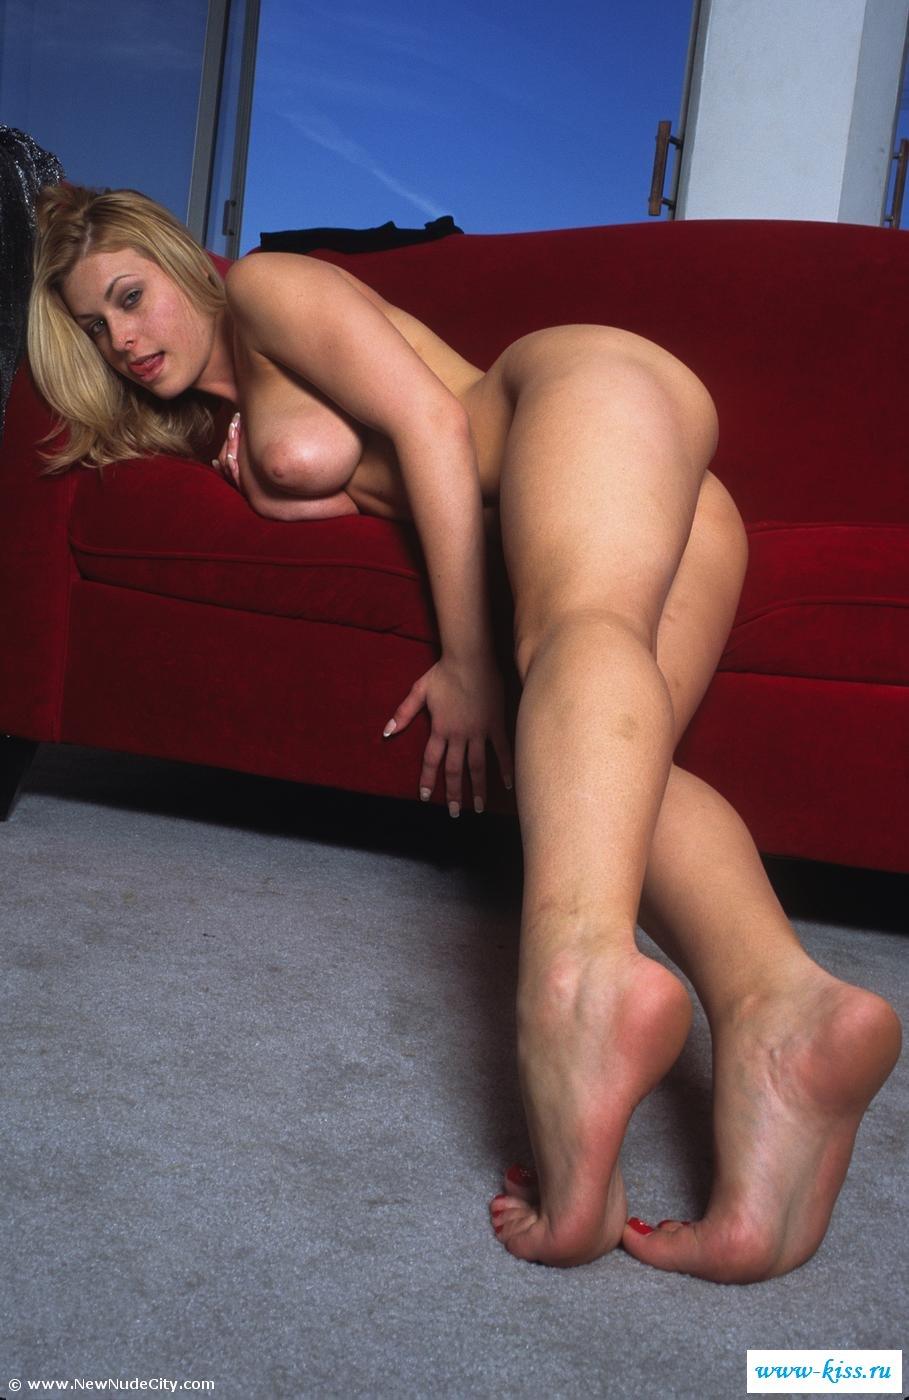 Толстозадая голая блондиночка коротает вечерок. Порно толстозадый.